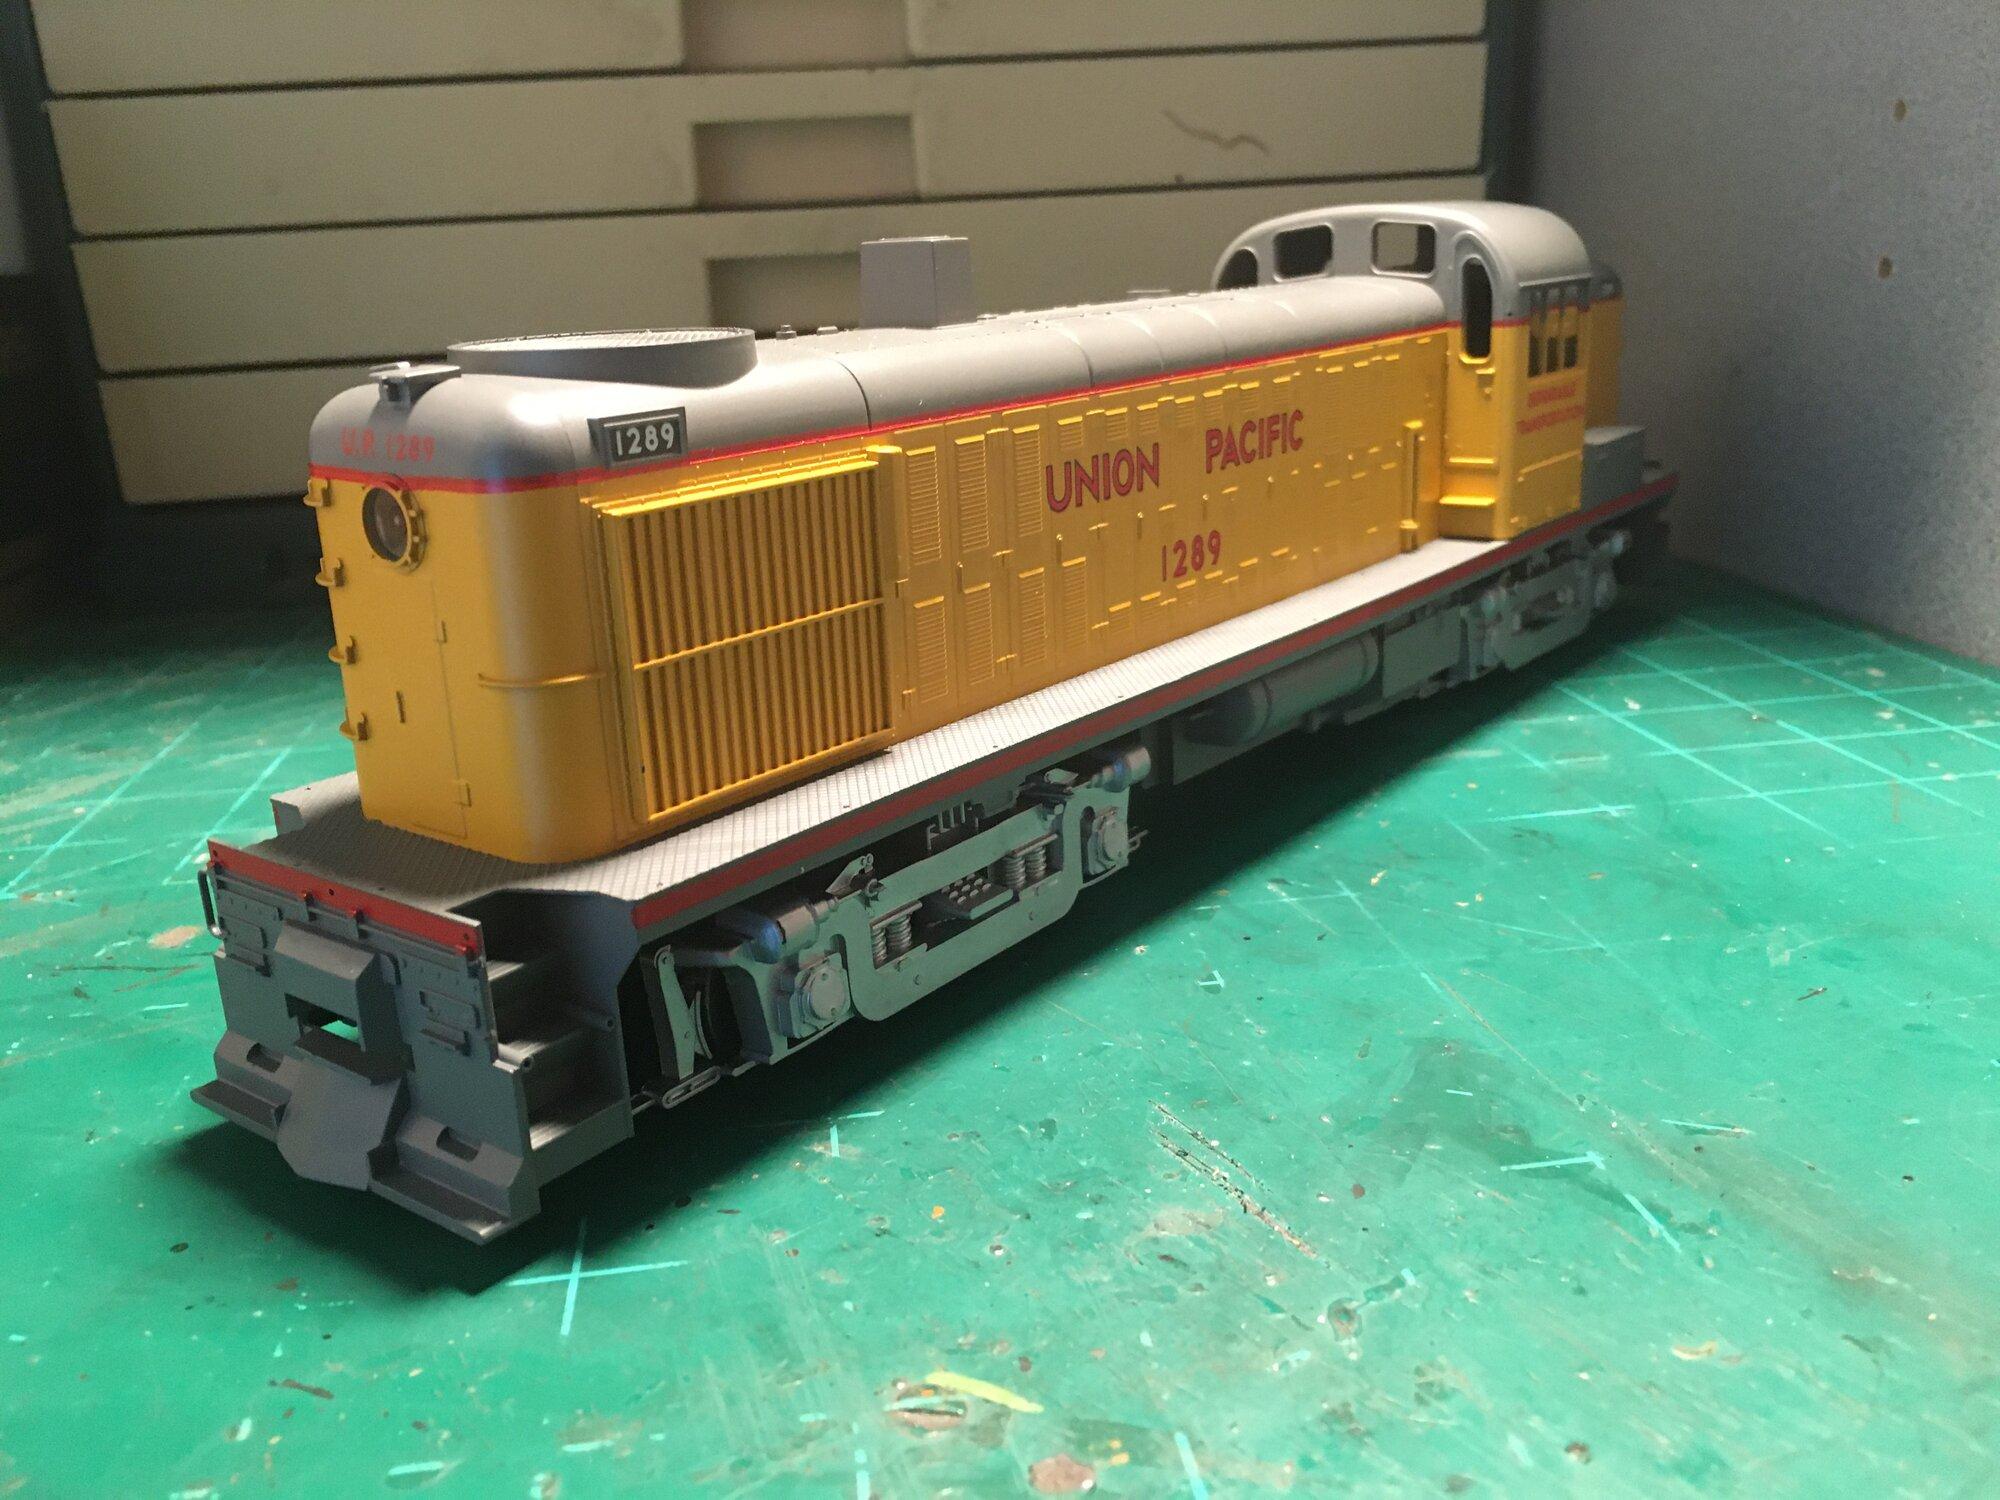 51070279-661C-4E2A-B6CC-7B59F4B67148.jpeg